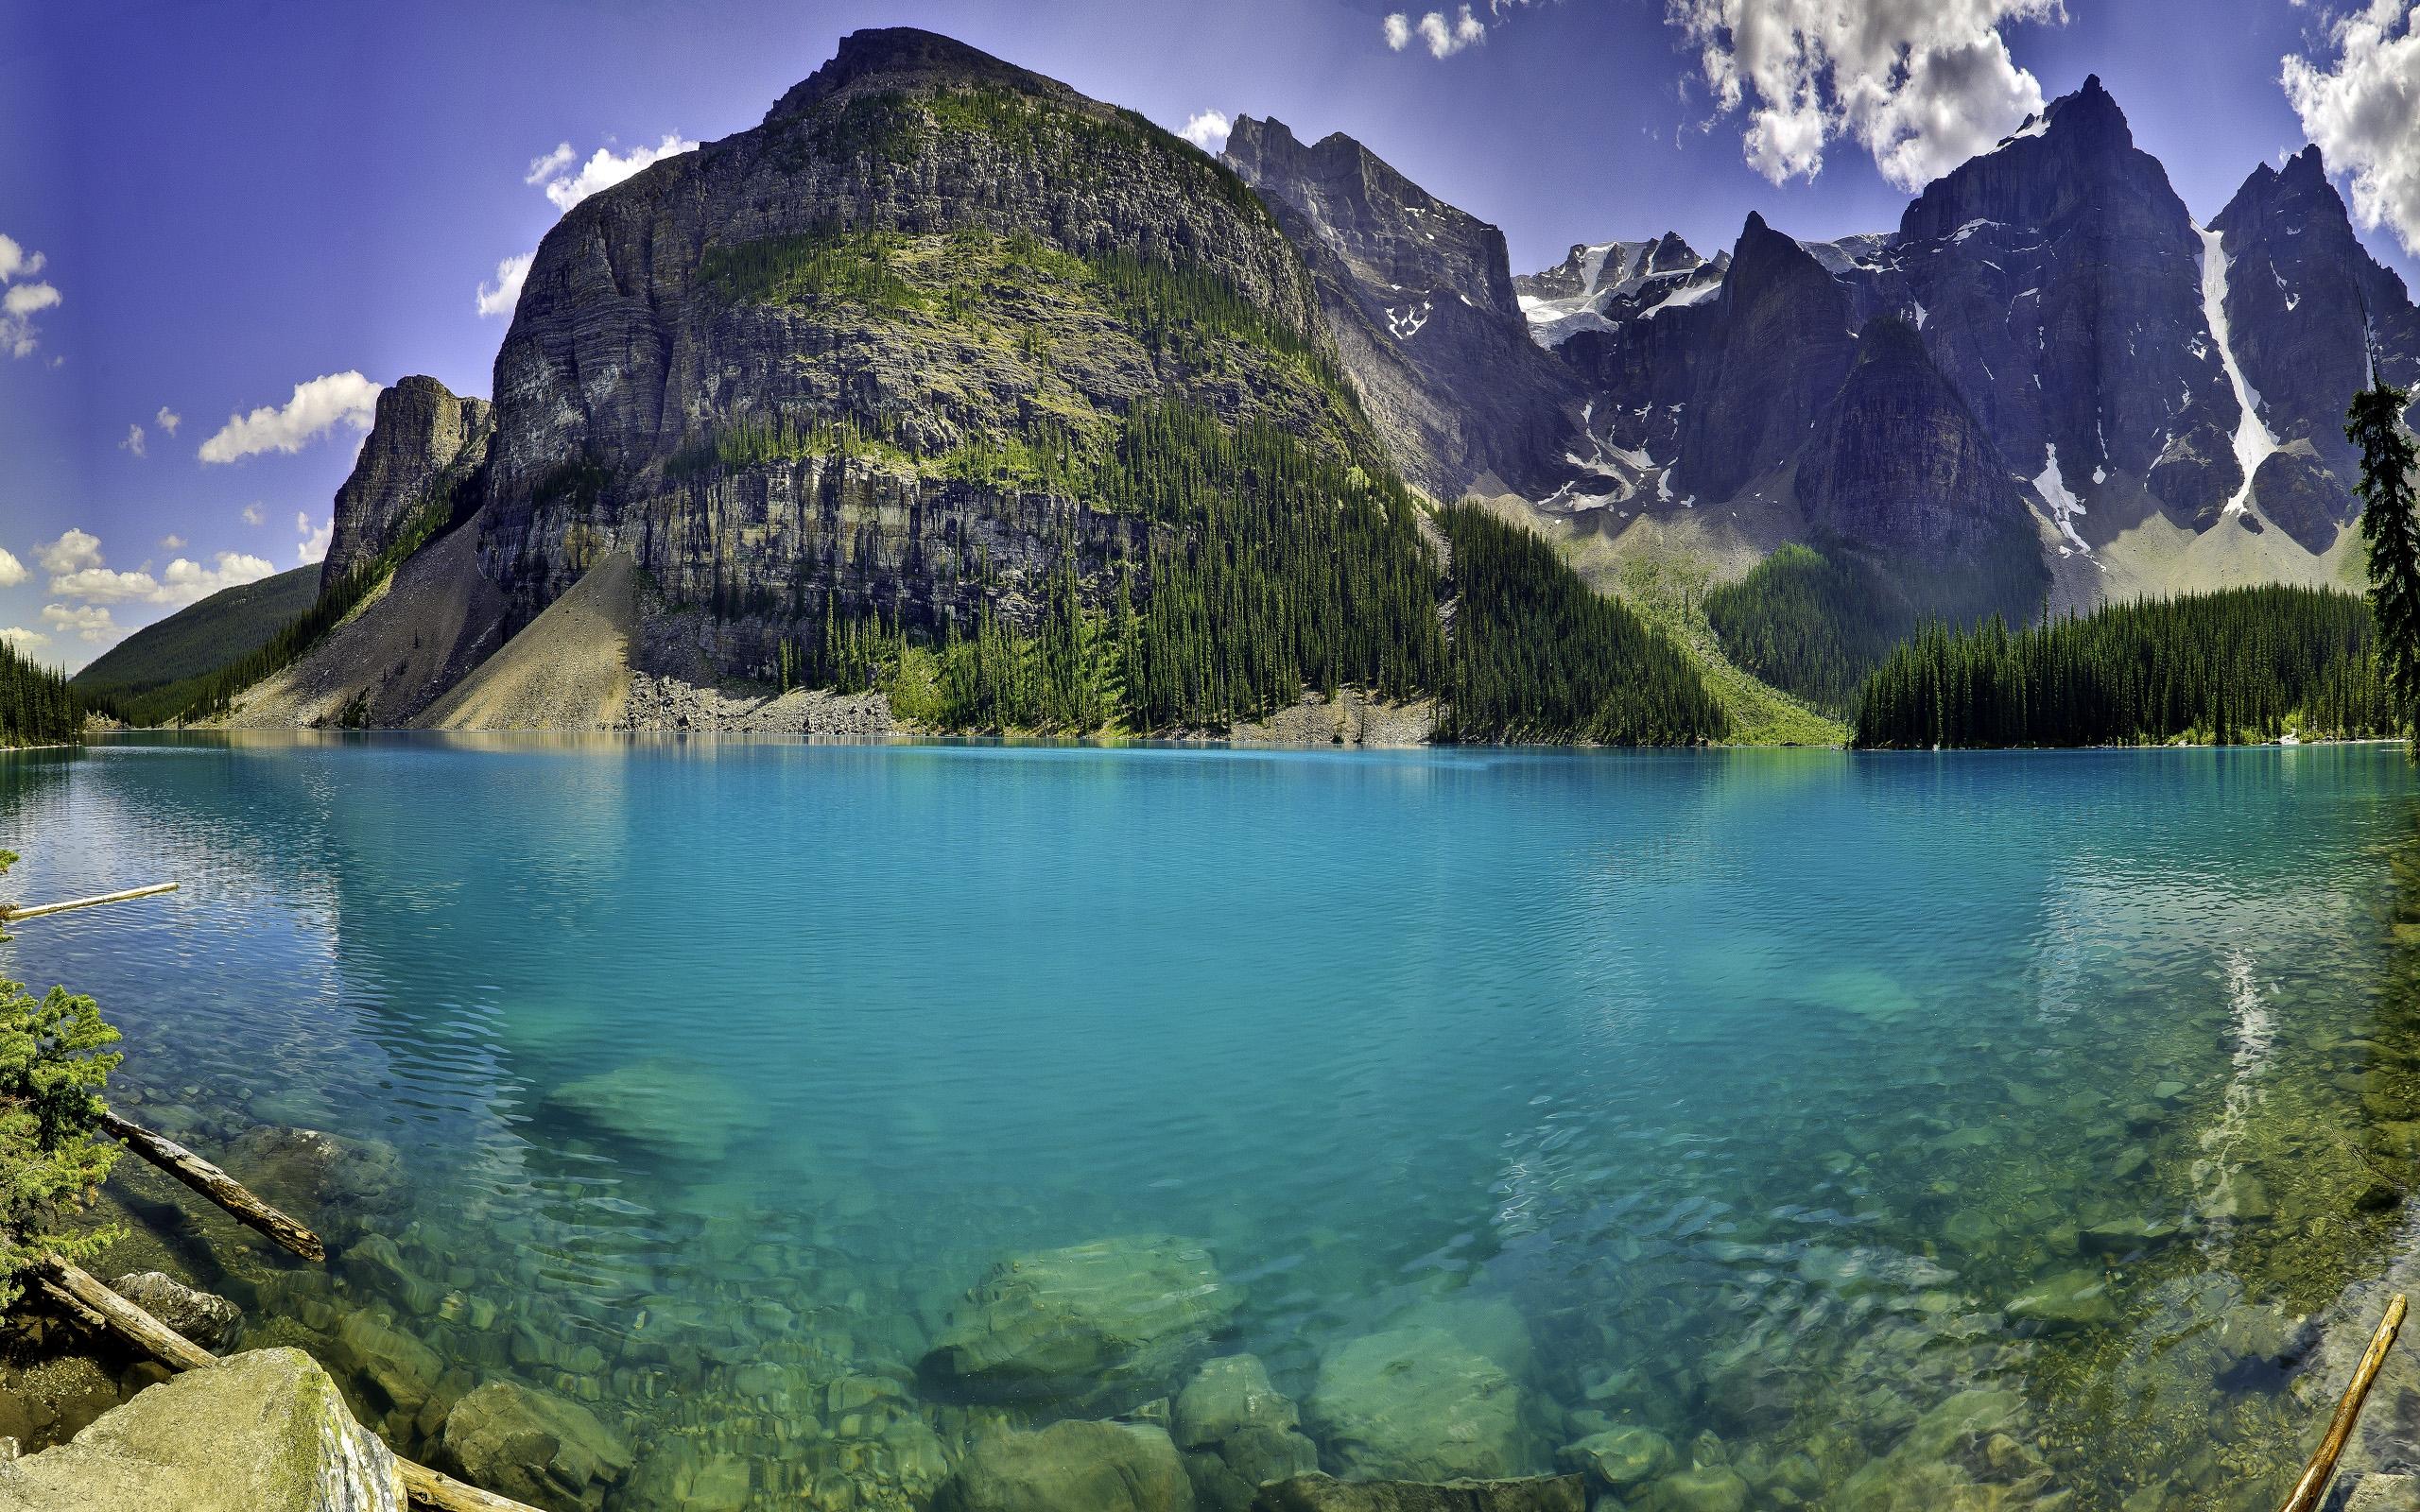 2560x1600 Moraine Lake desktop PC and Mac wallpaper 2560x1600